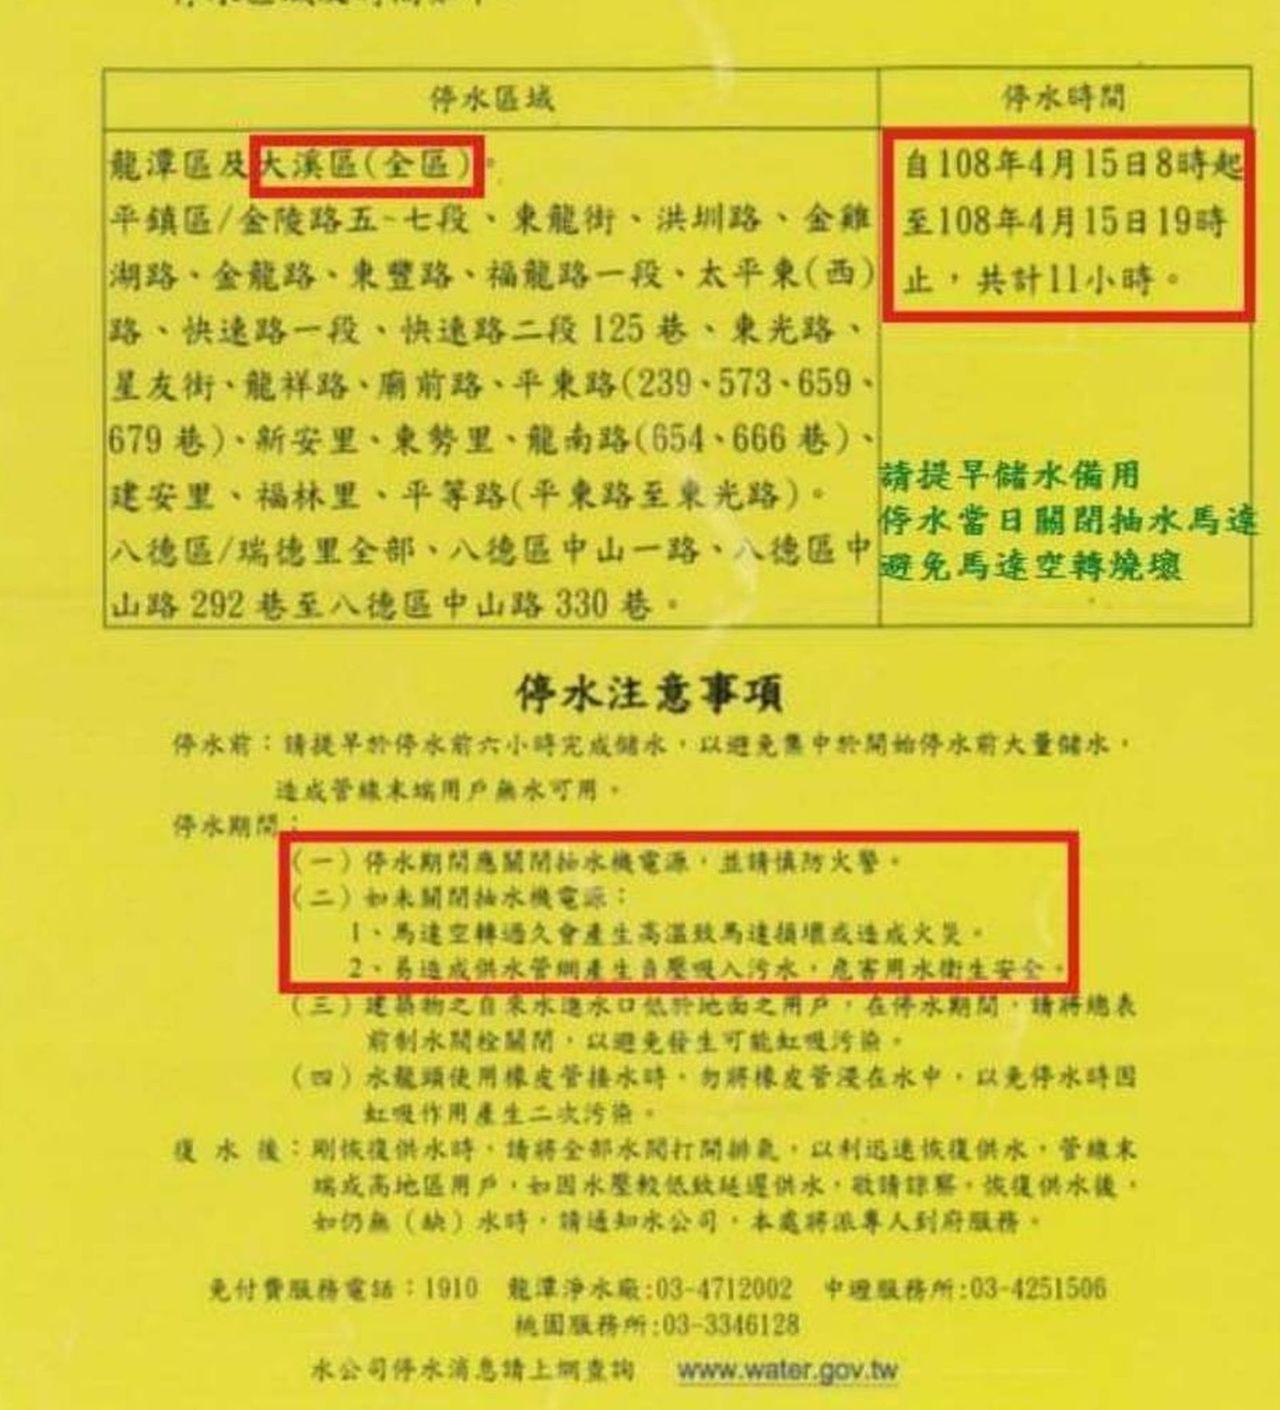 自來水公司配合龍潭廠高壓電氣設備檢驗工程,4月15日(星期一)上午8時起到下午7...